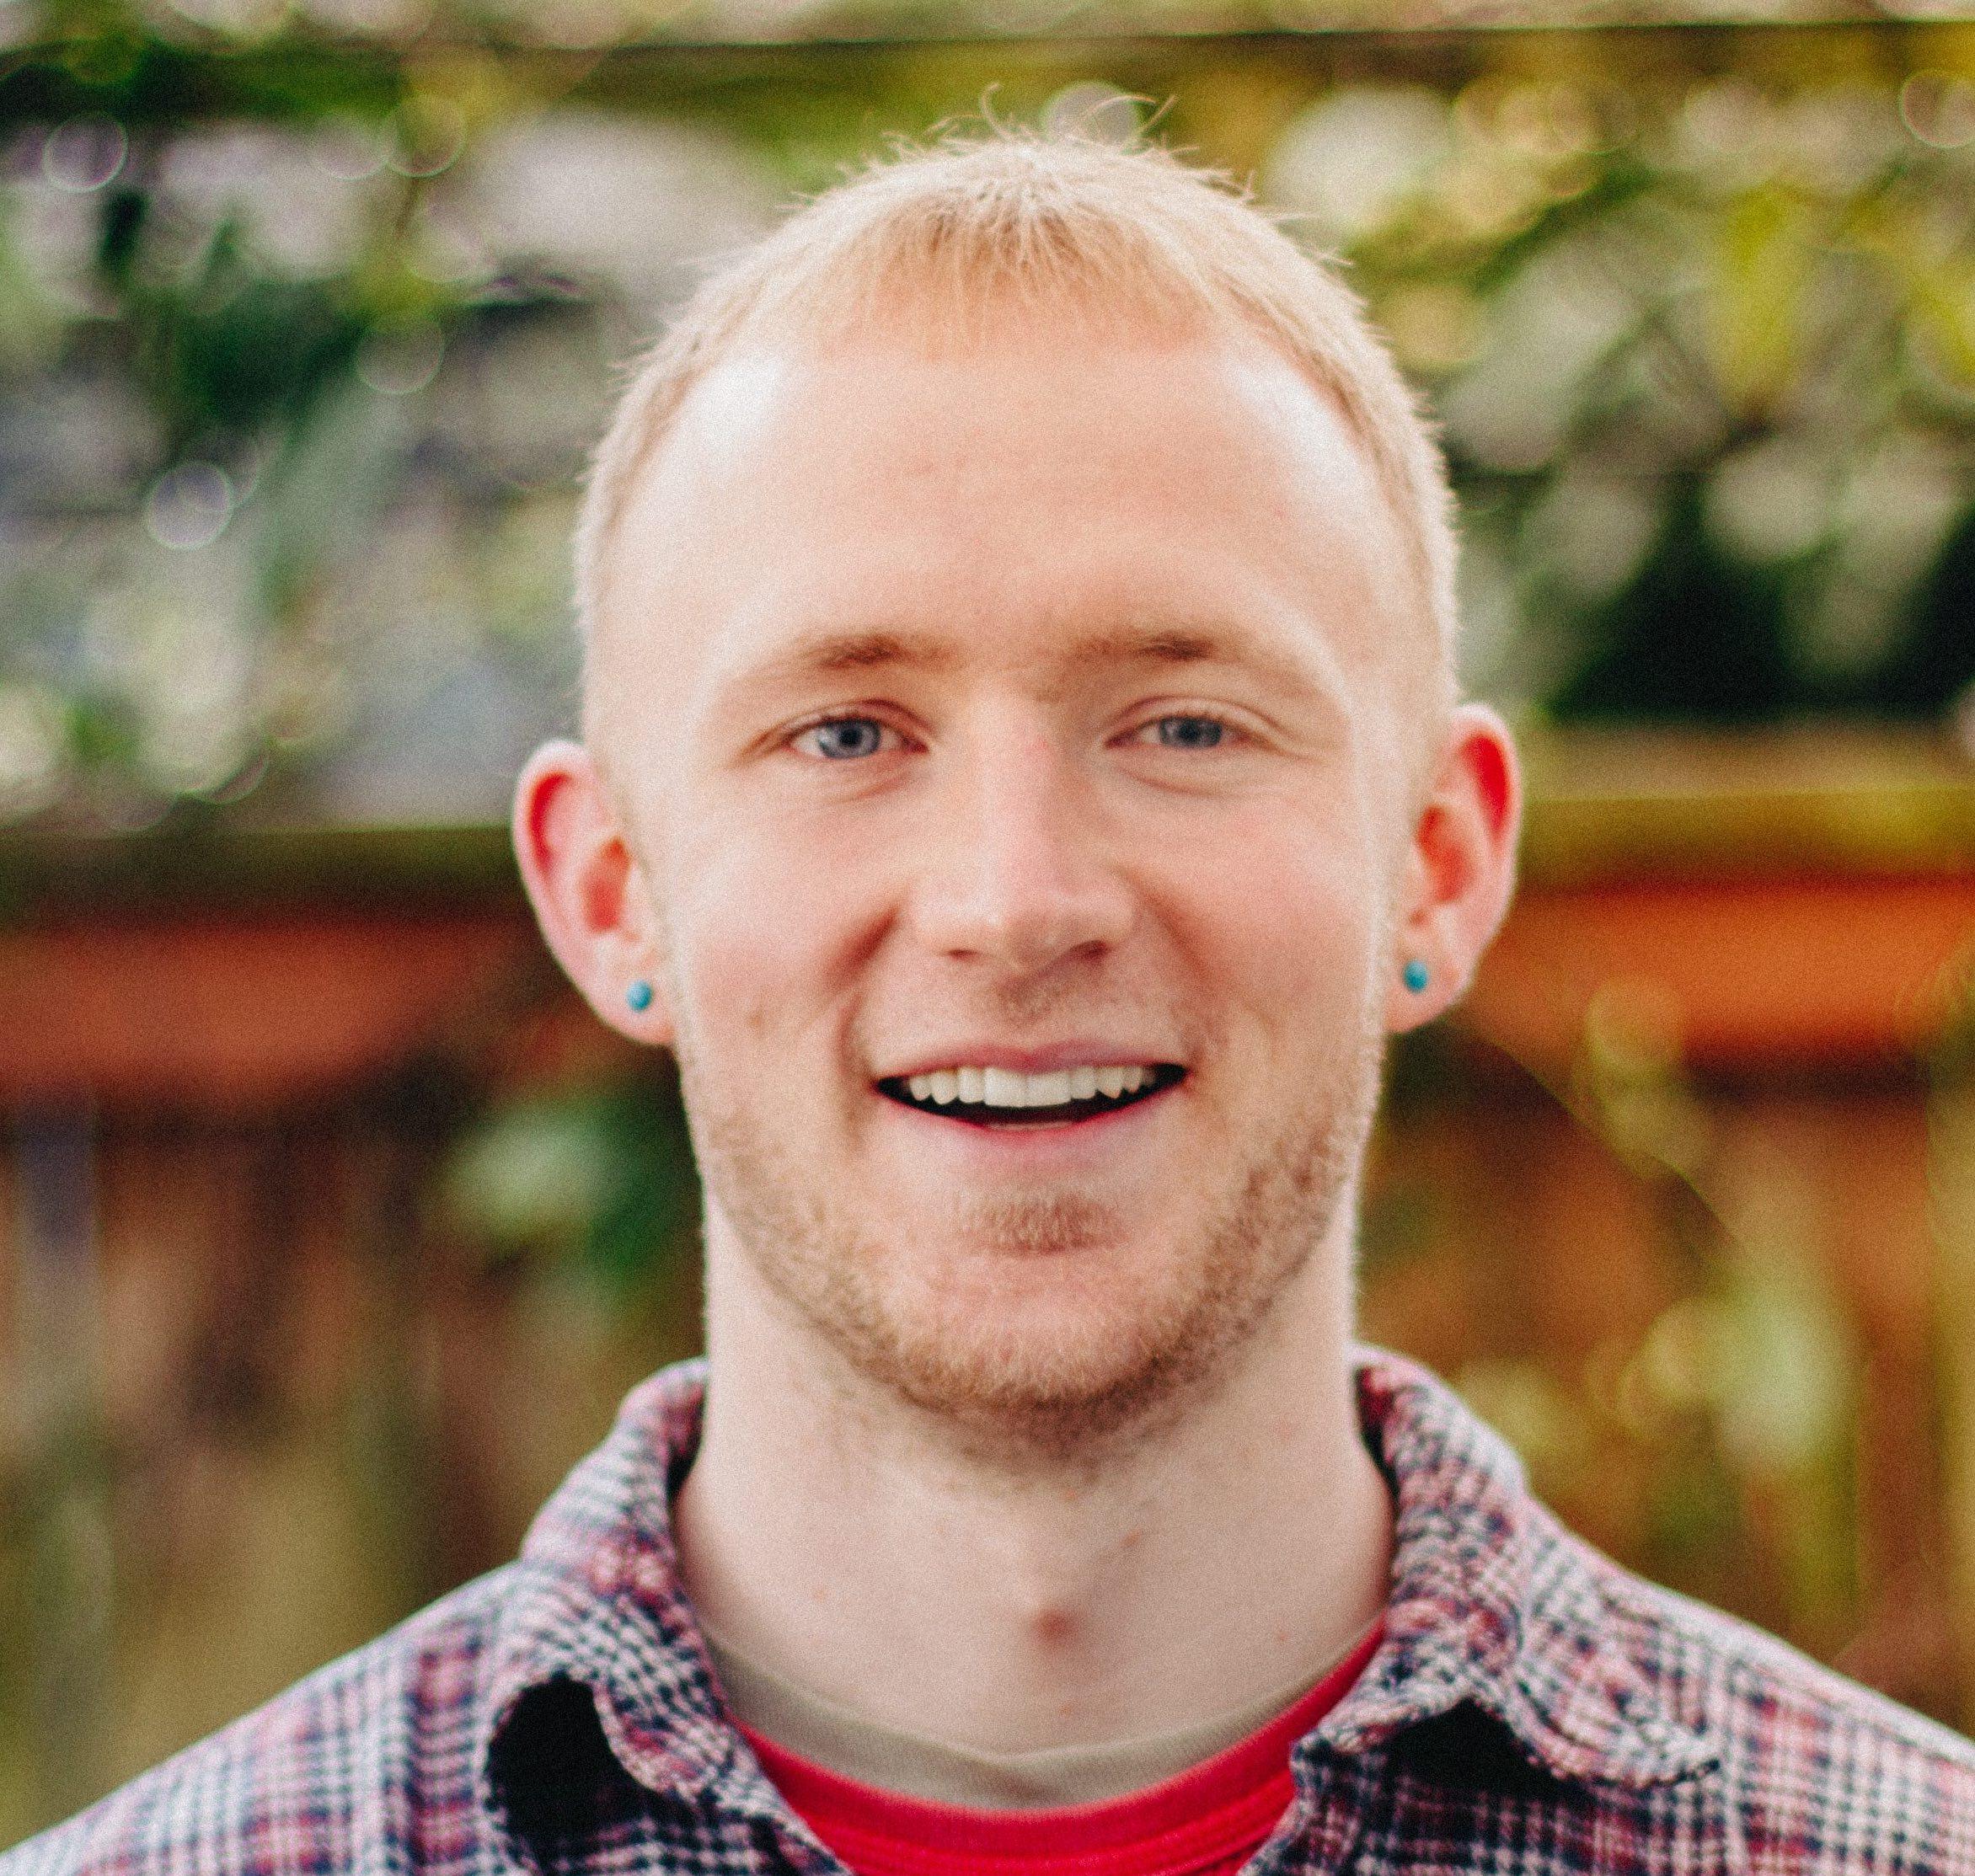 PeteWidinLaughing_Reduced - Pete Widin.jpg